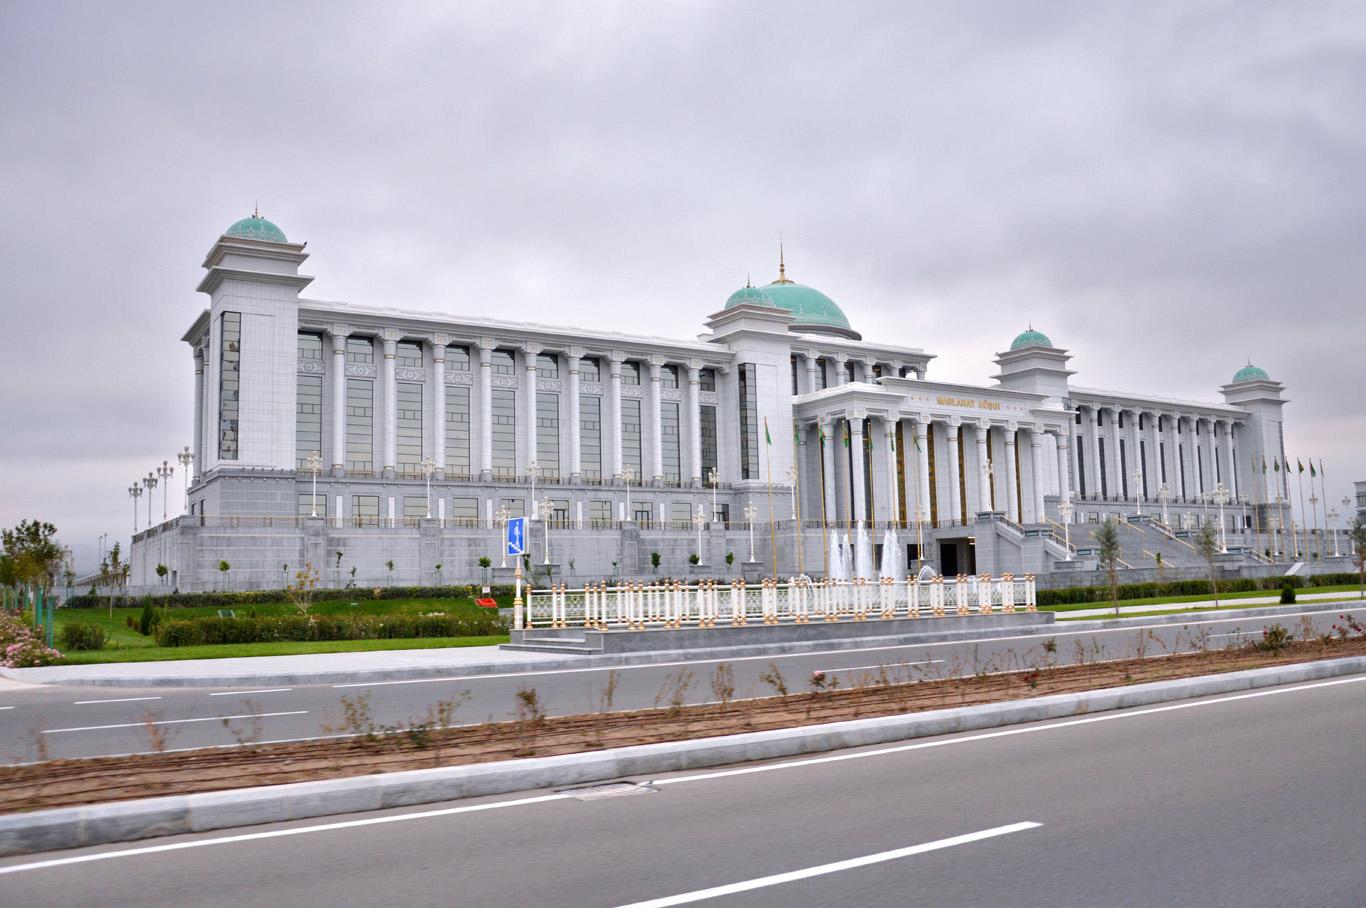 Congress Palace Malahat Kosgi